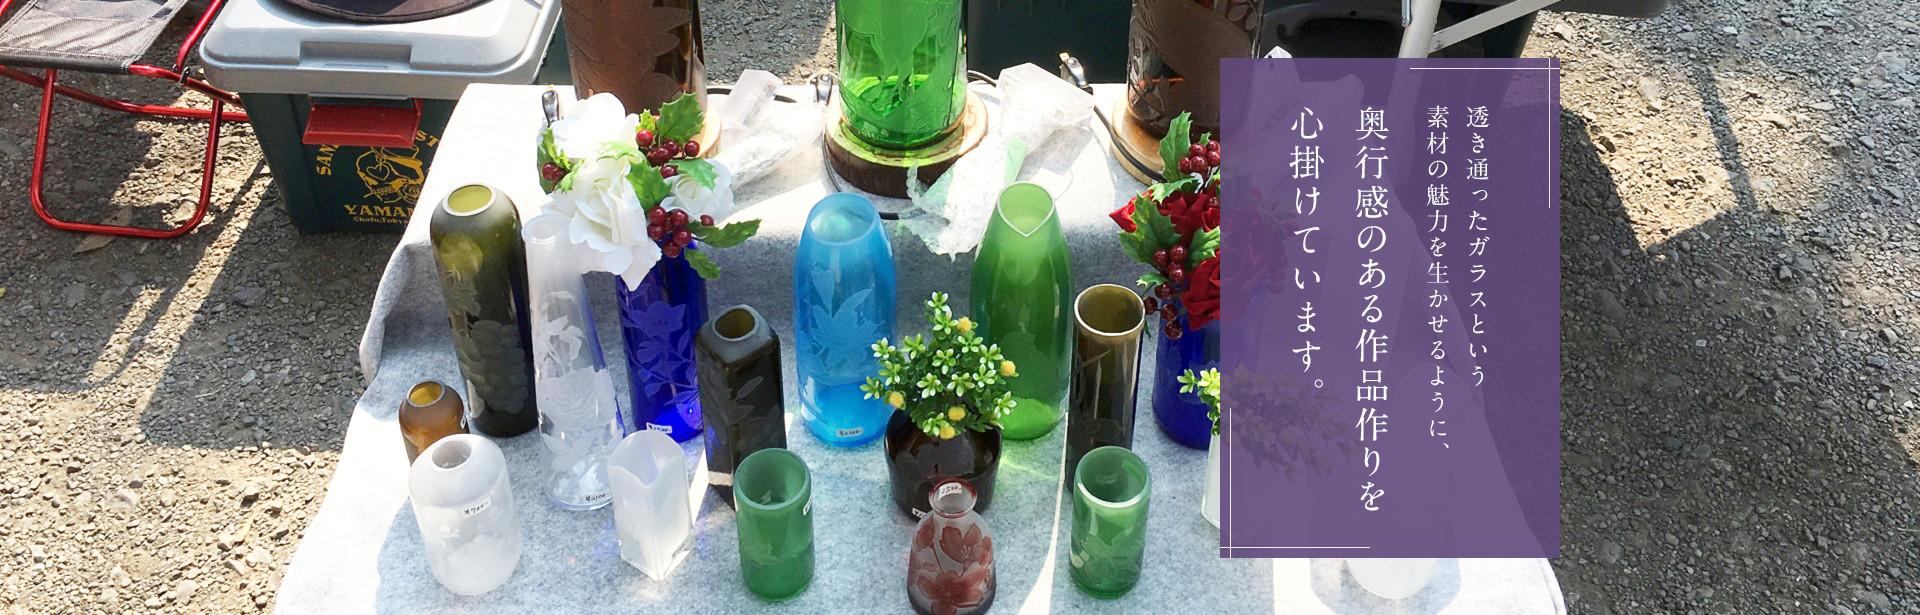 透き通ったガラスという素材の魅力を生かせるように、奥行感のある作品作りを心掛けています。